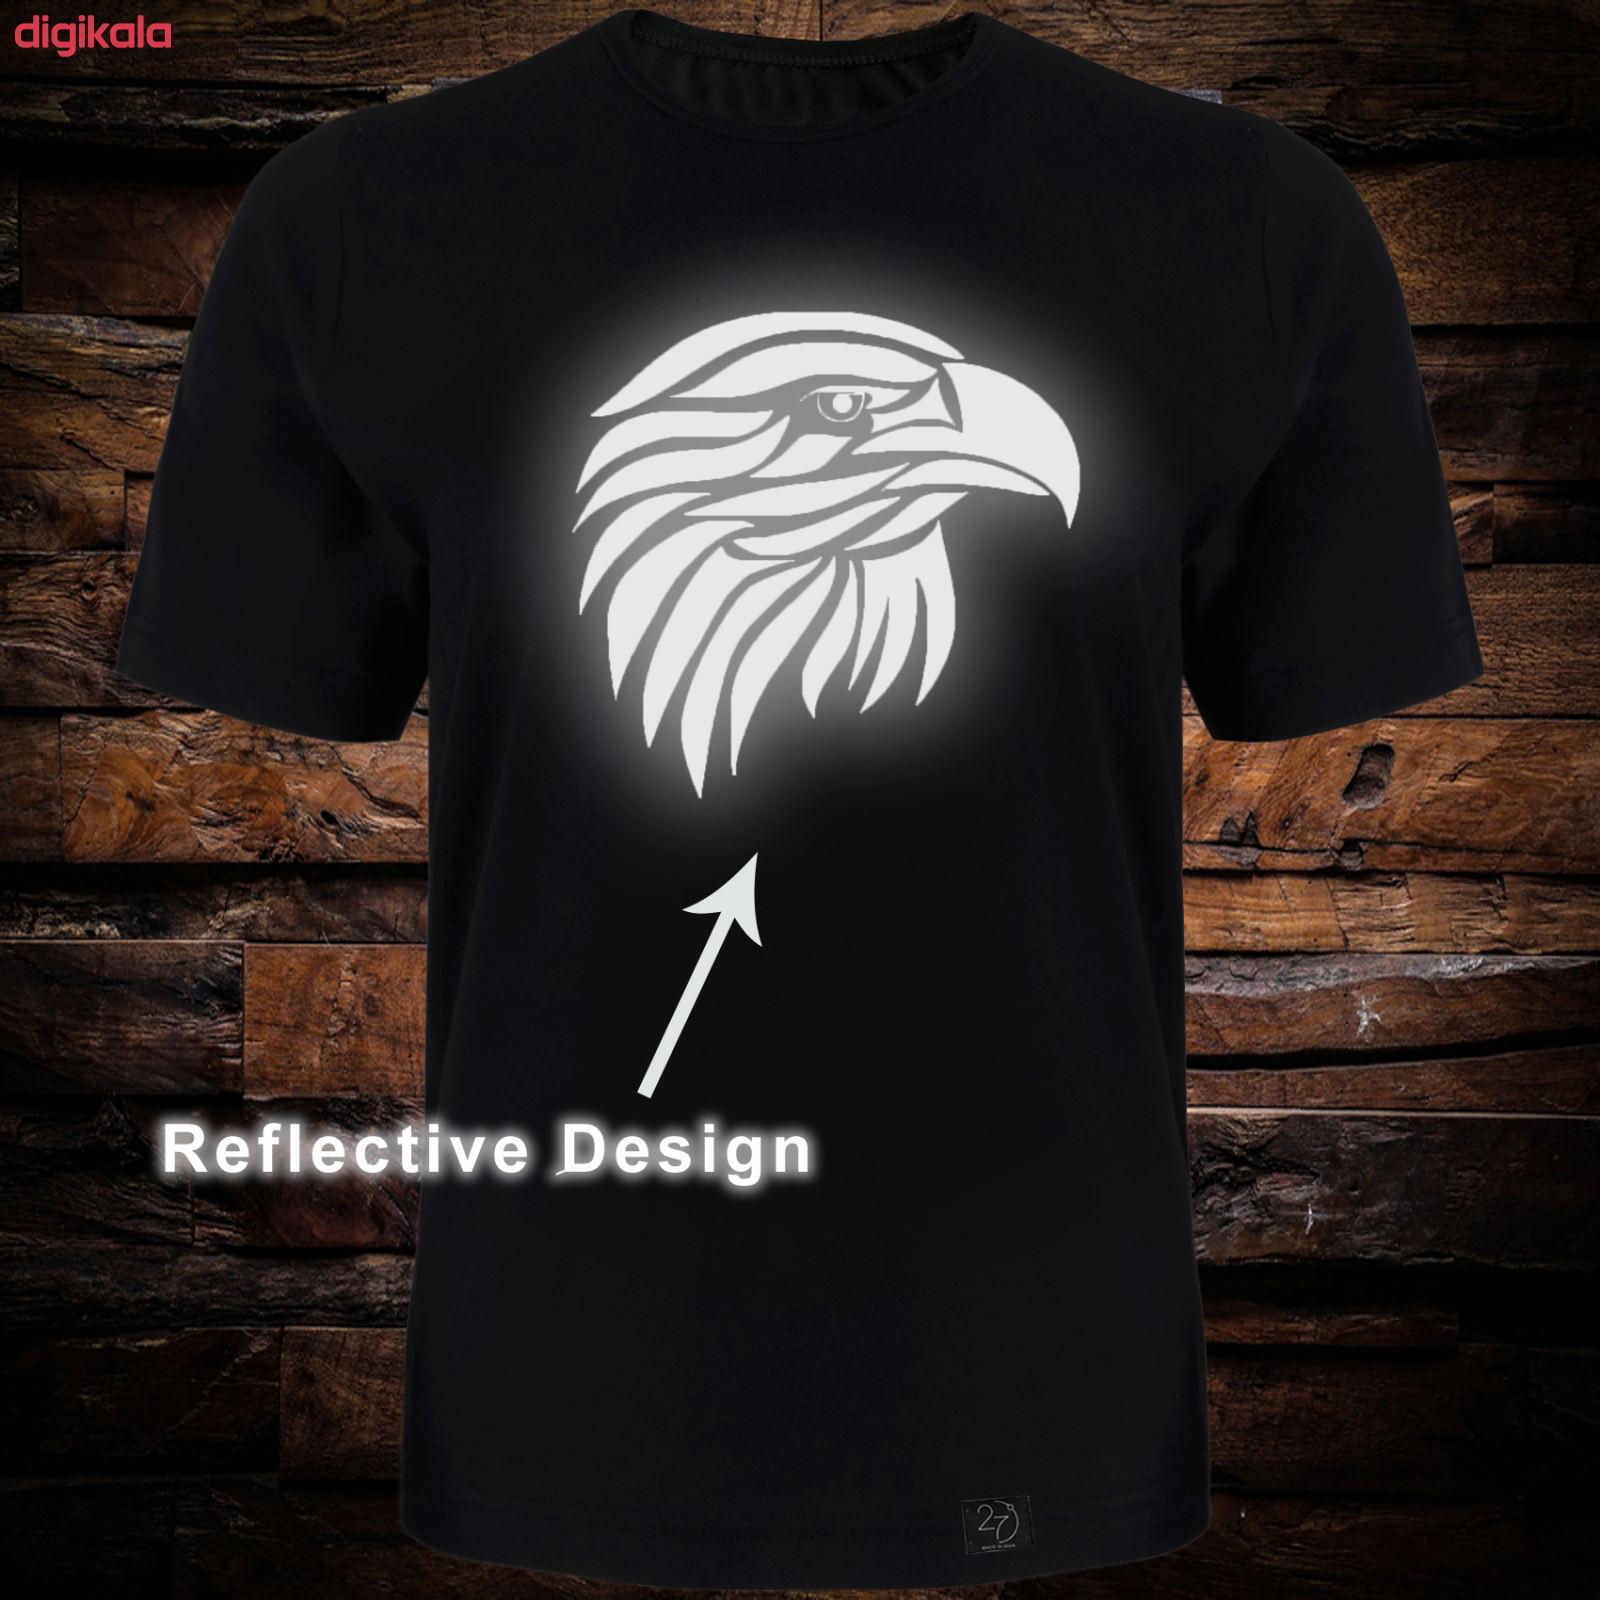 تی شرت آستین کوتاه مردانه 27 طرح عقاب کد TR05 رنگ مشکی main 1 1